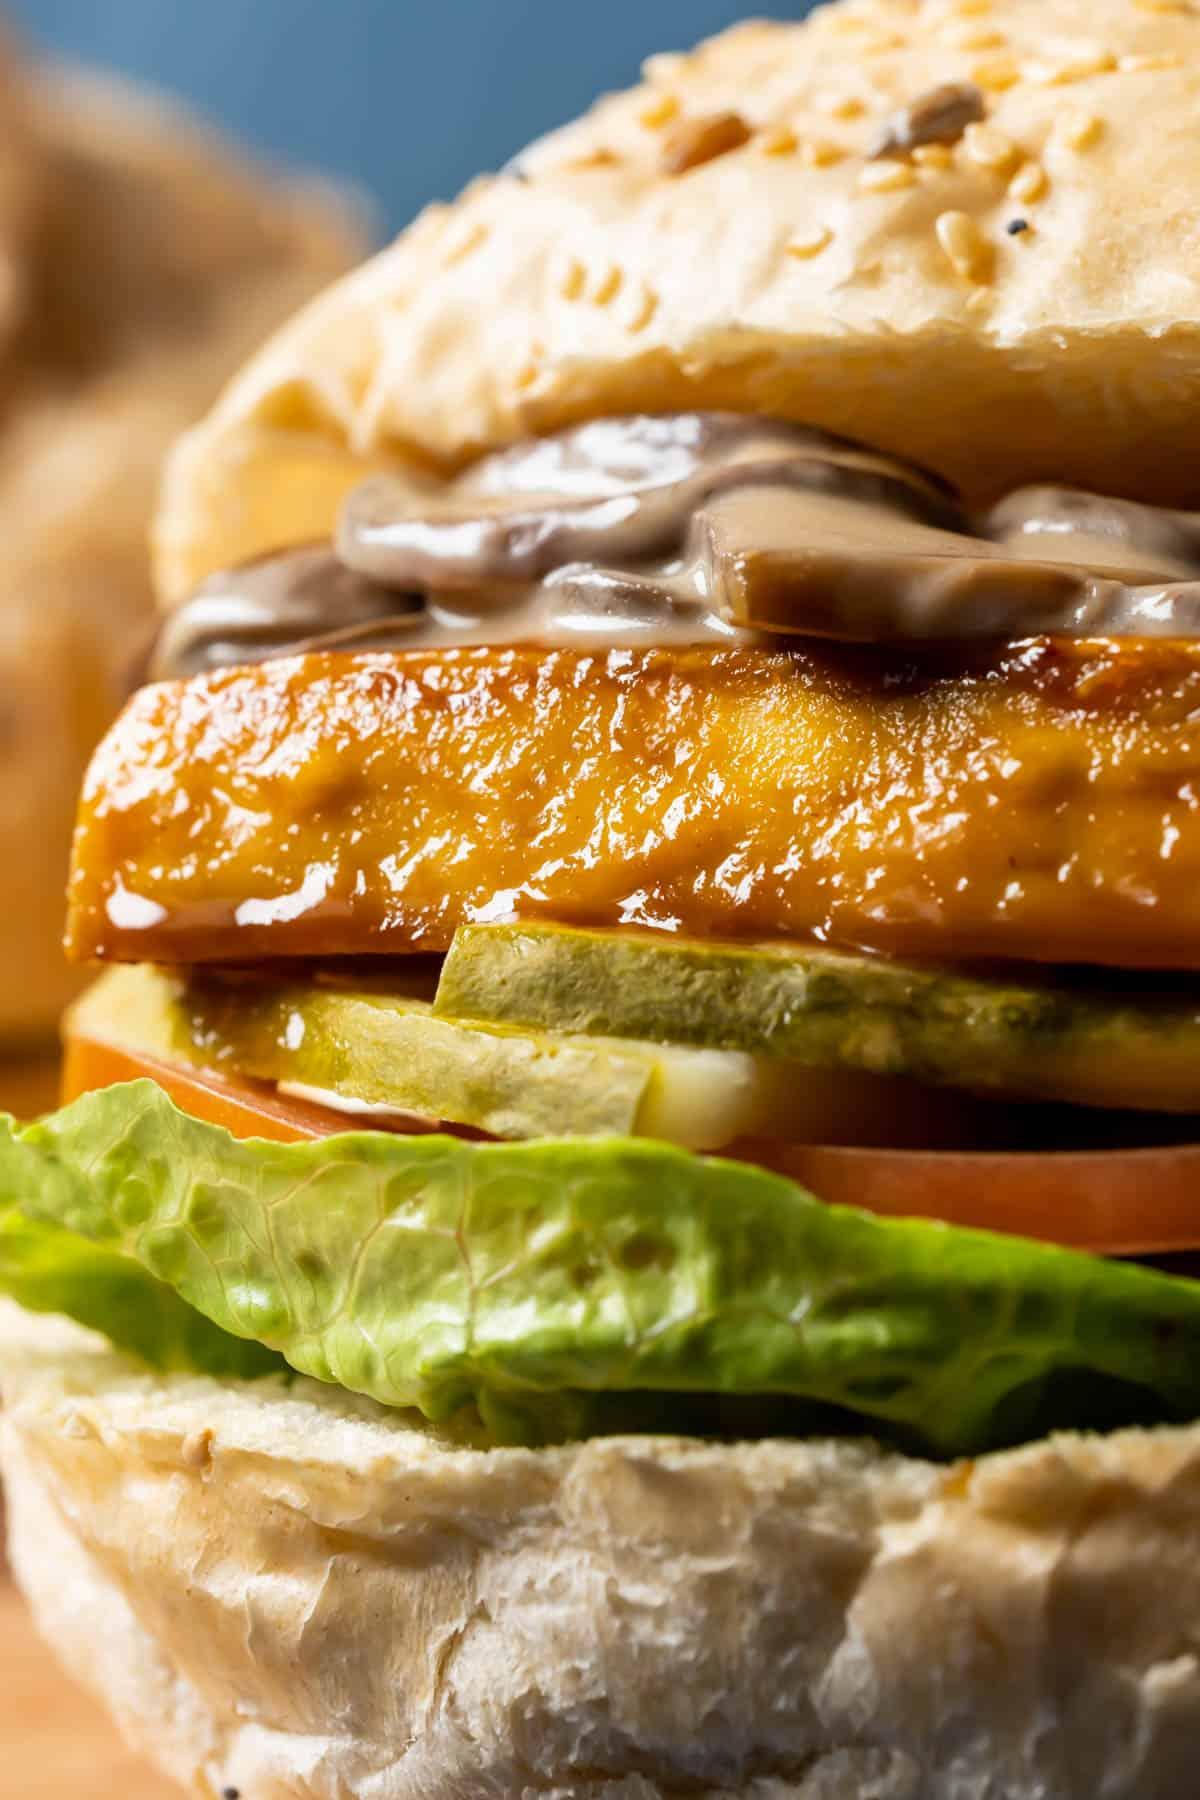 Close up photo of a tofu burger with mushroom sauce.